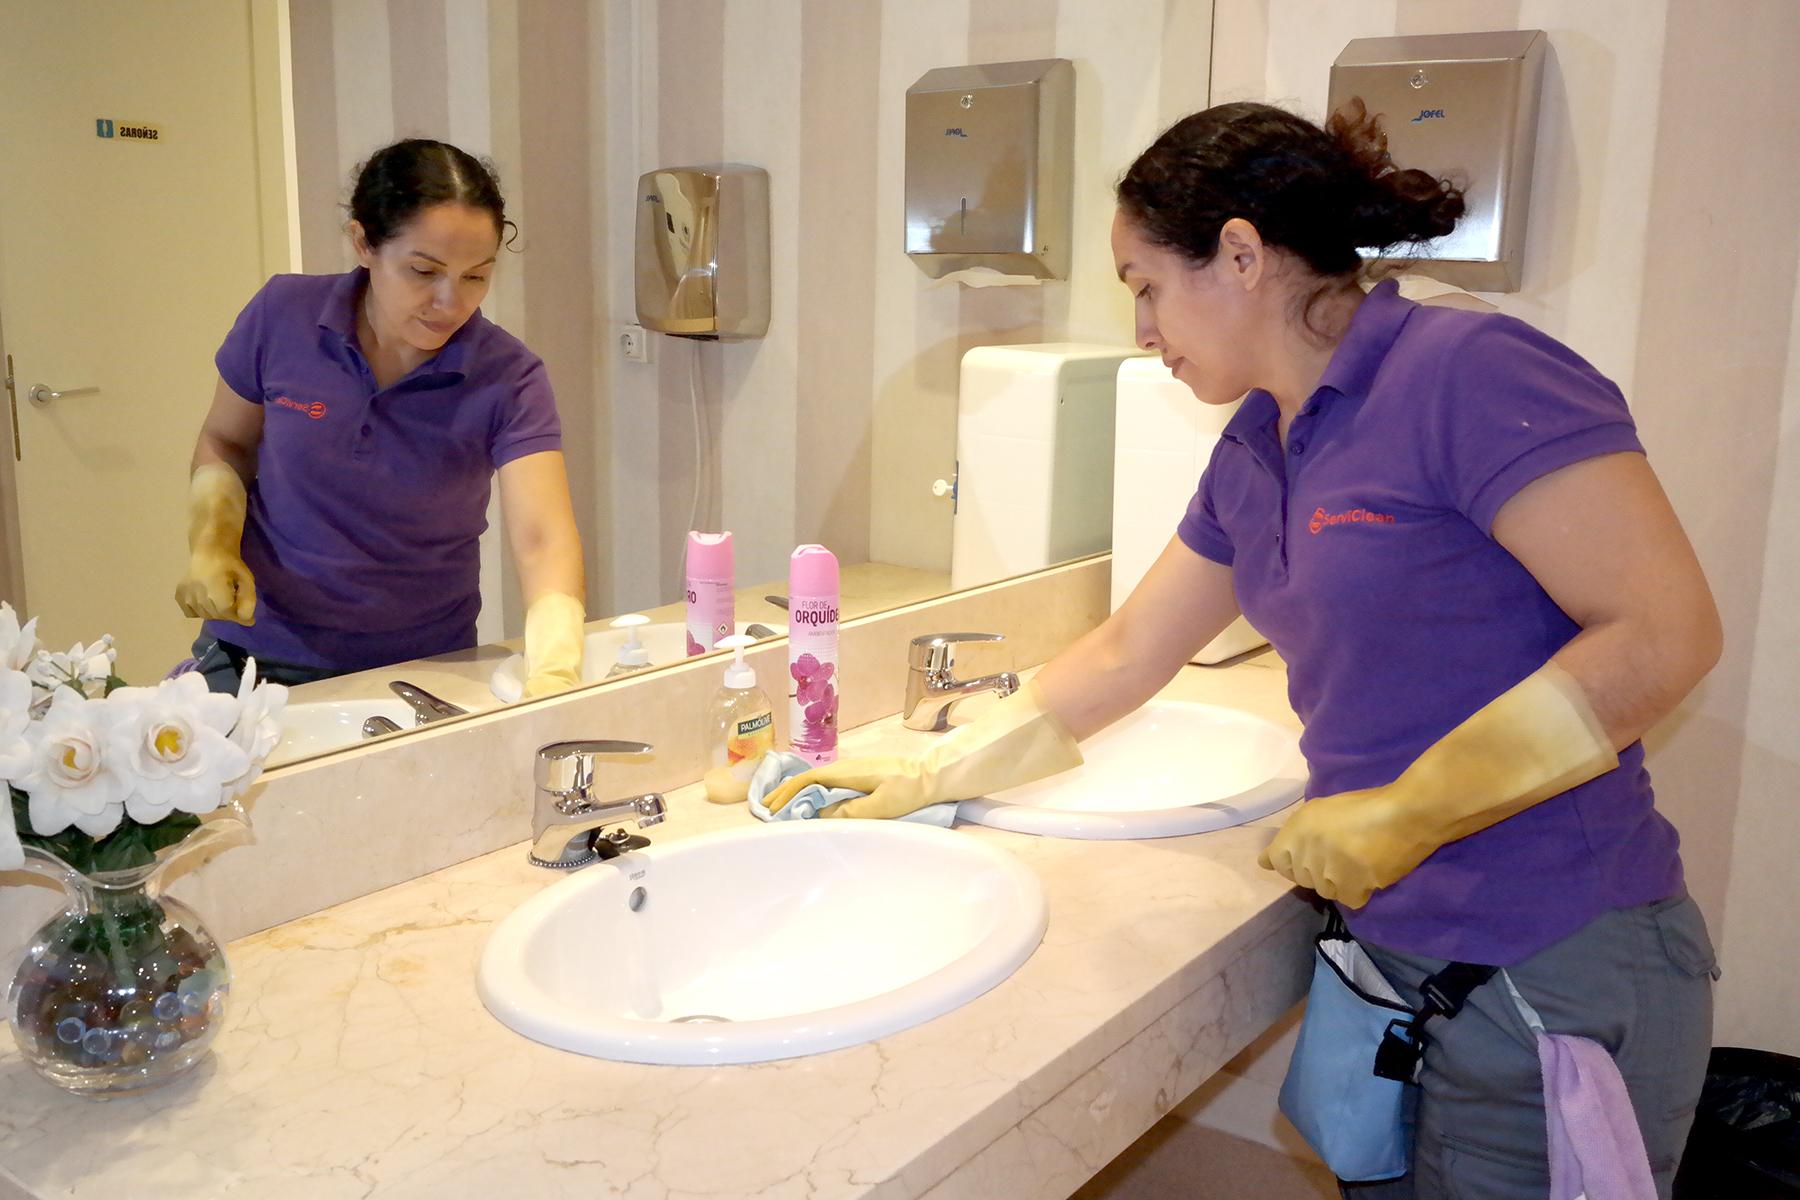 Servicios de limpieza profesional en el hogar